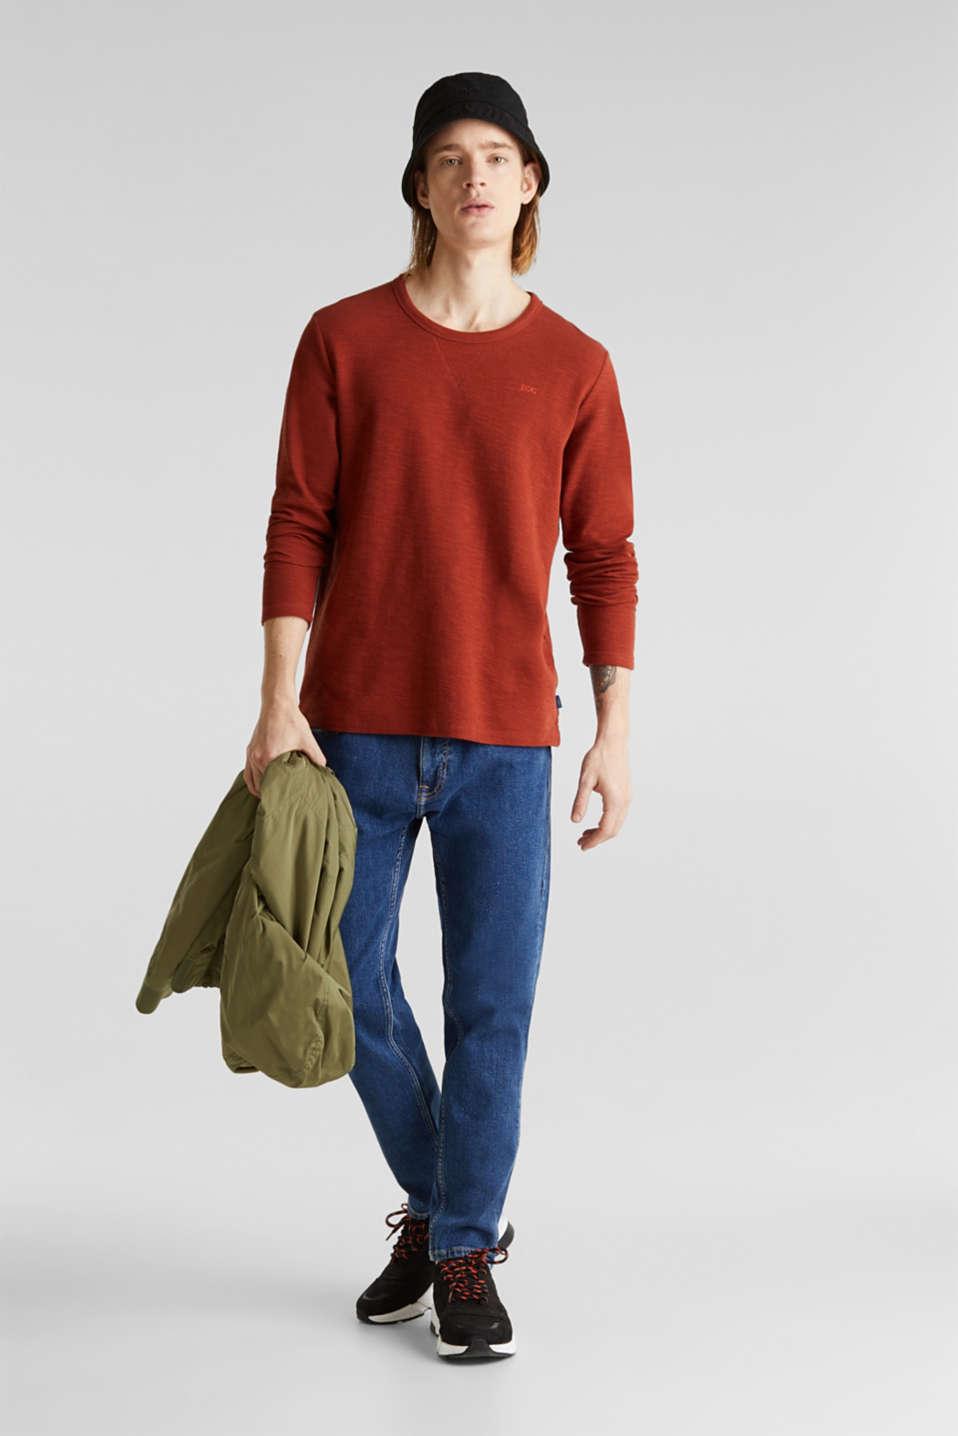 Textured cotton blend jumper, RUST ORANGE, detail image number 1